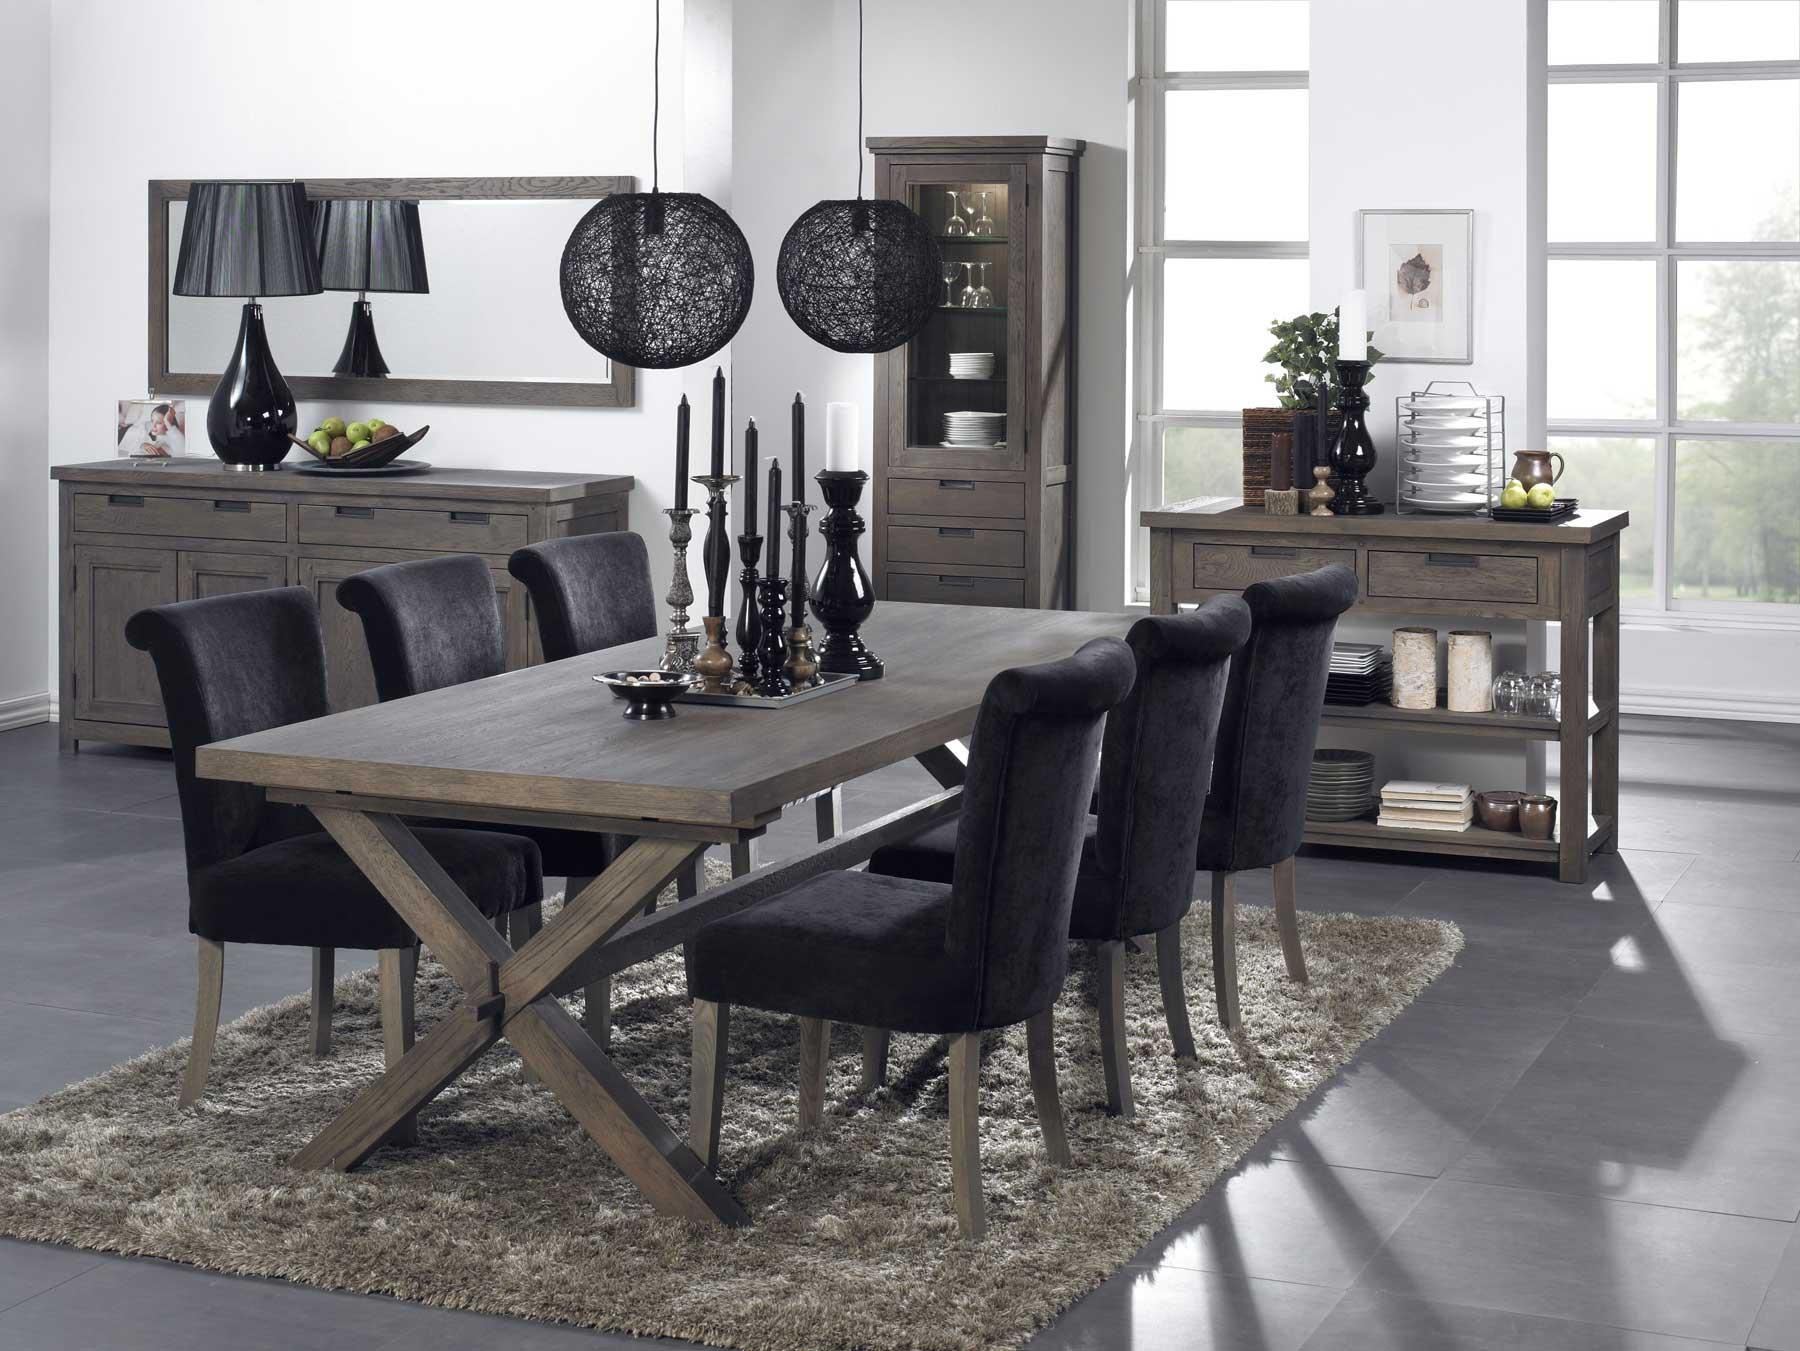 enkelt og stilrent cross spejl med ramme af bejdset tr. Black Bedroom Furniture Sets. Home Design Ideas